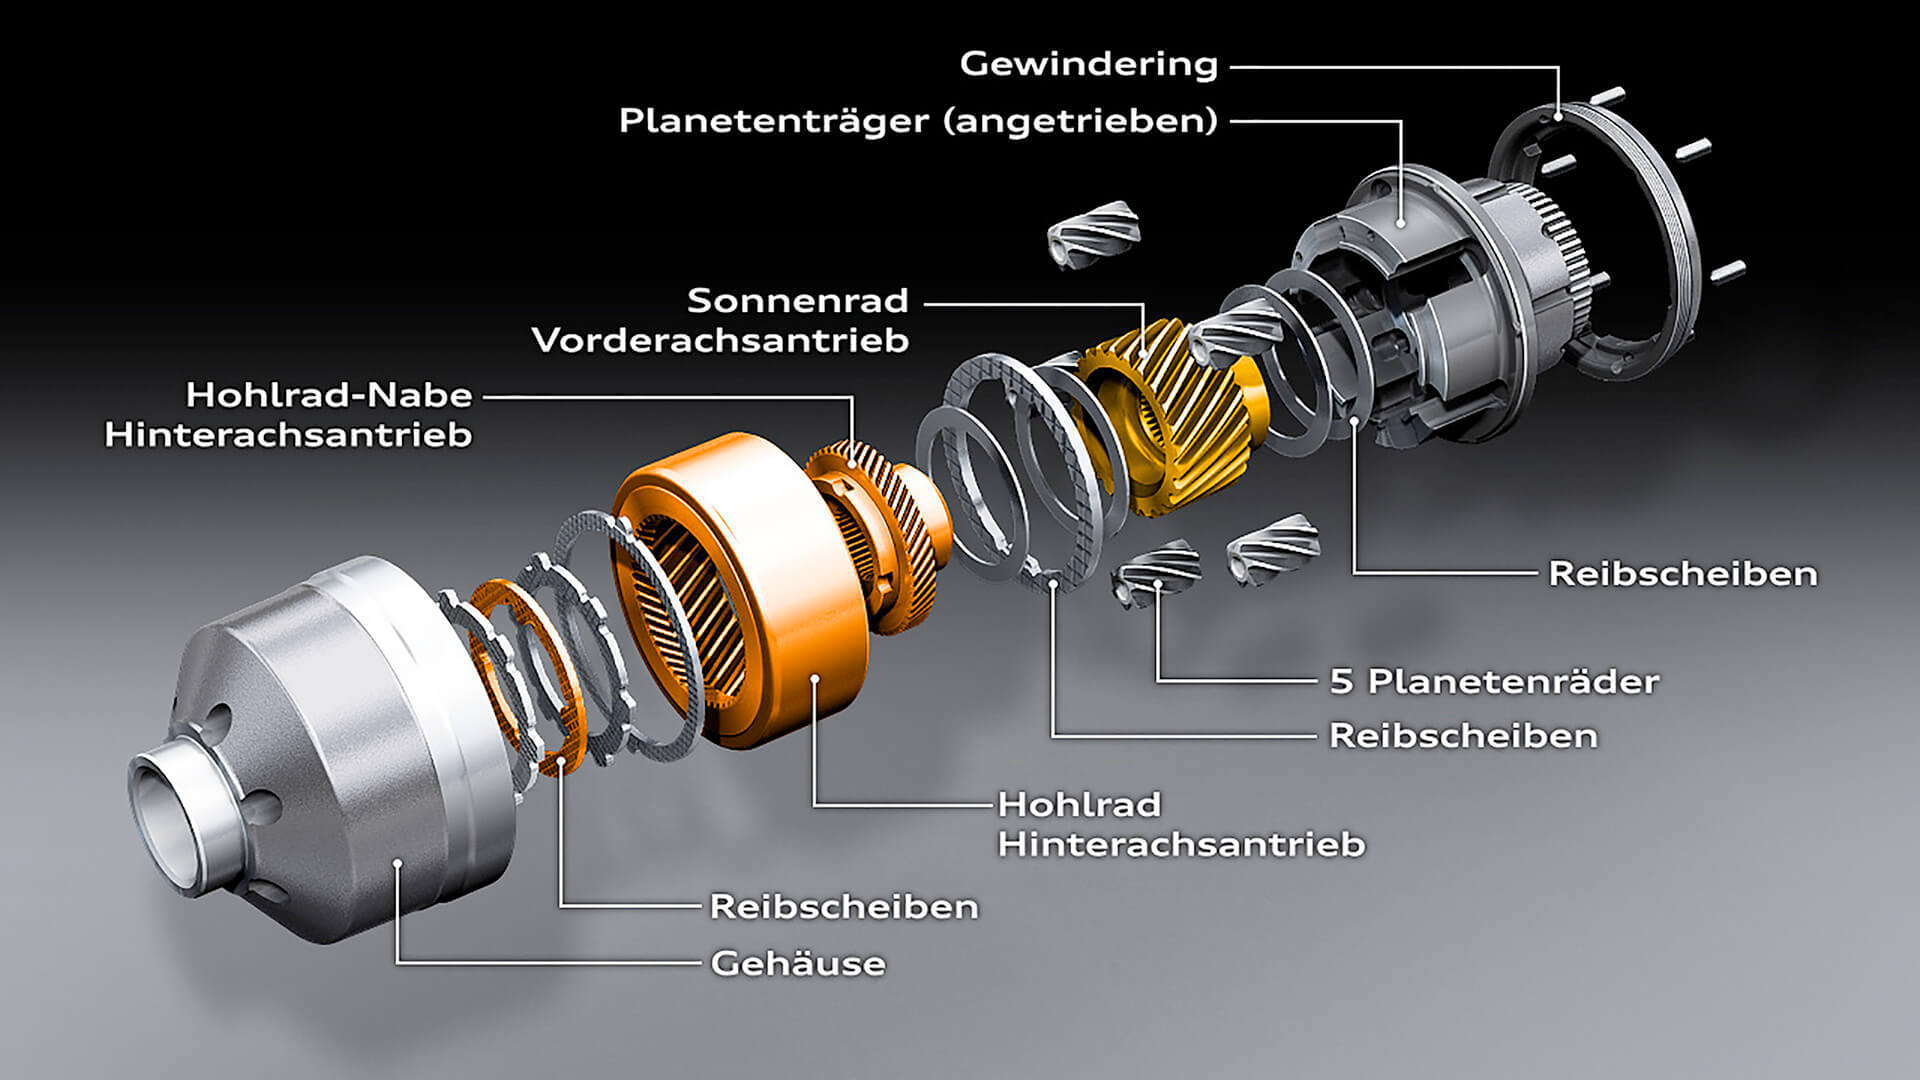 Βασική κατανομή του μπλοκέ κεντρικού διαφορικού σε μοντέλα Audi